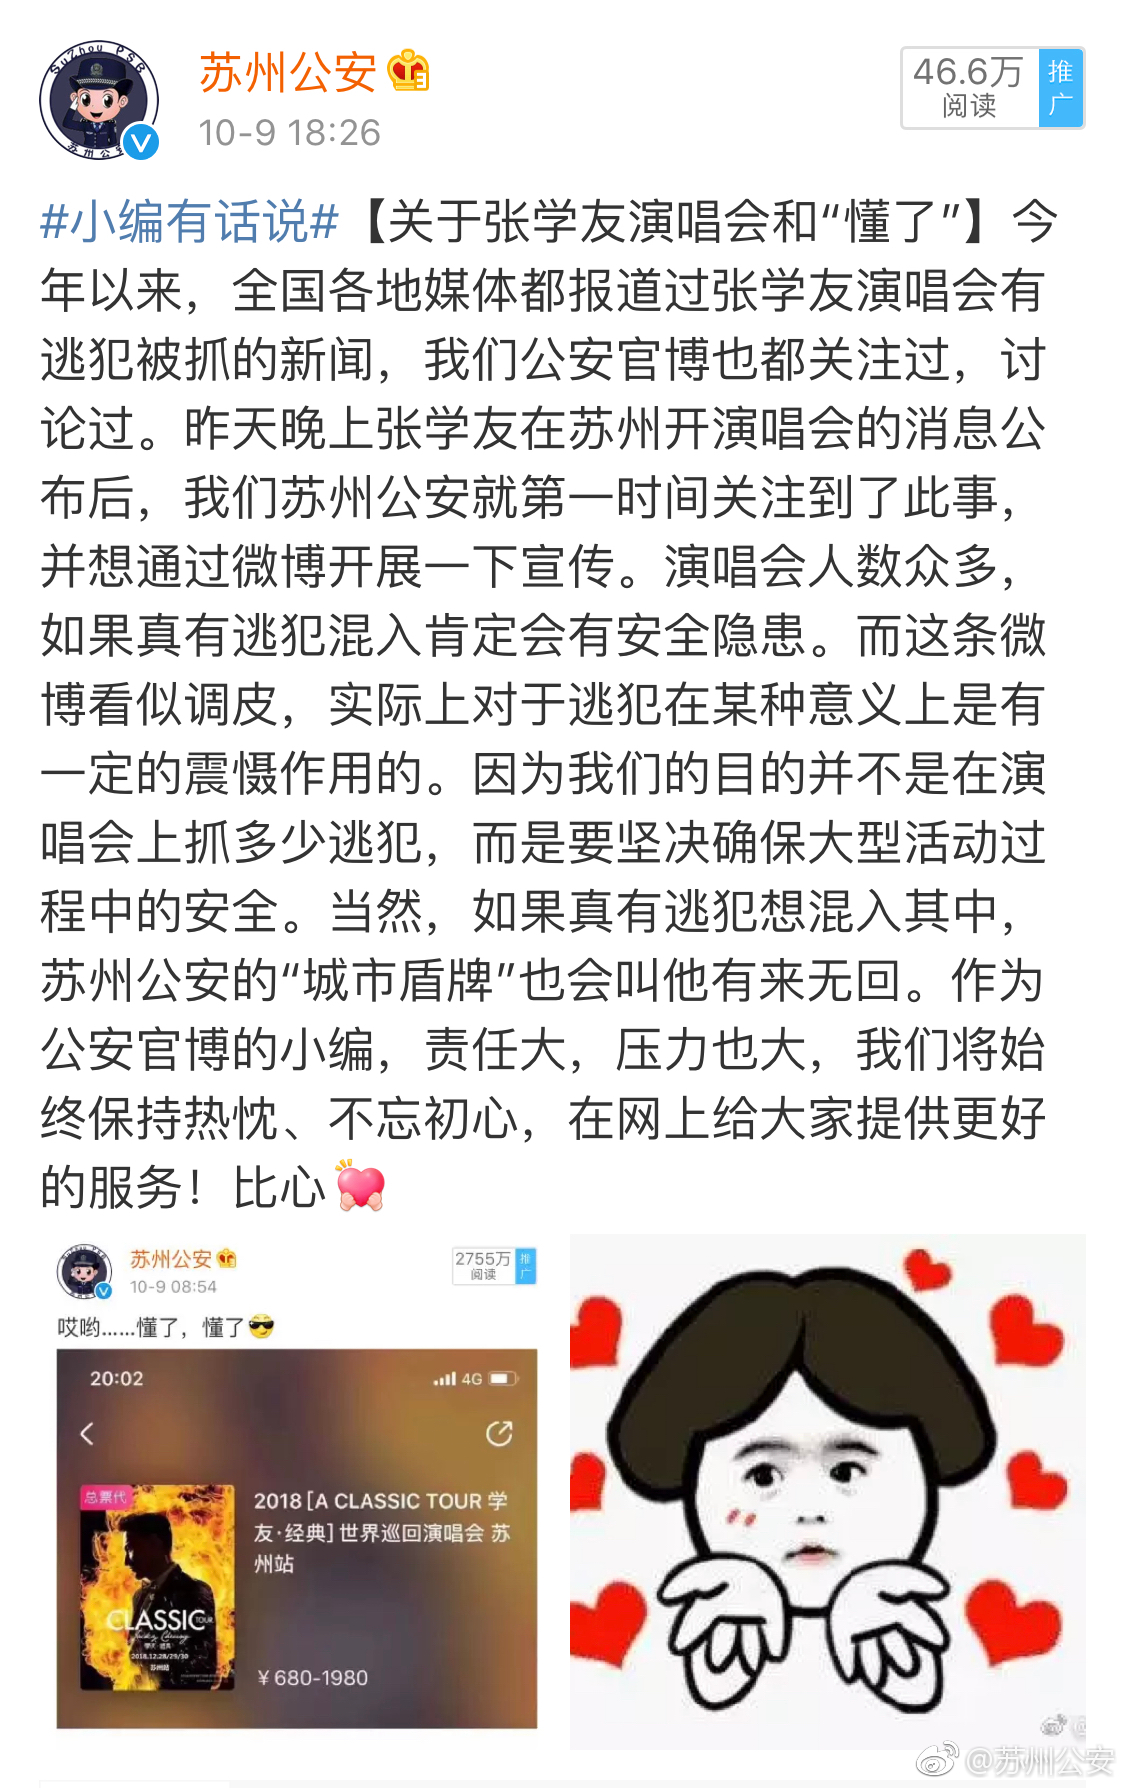 张学友演唱会苏州站 22名在逃人员落网:这是流动自首点啊。